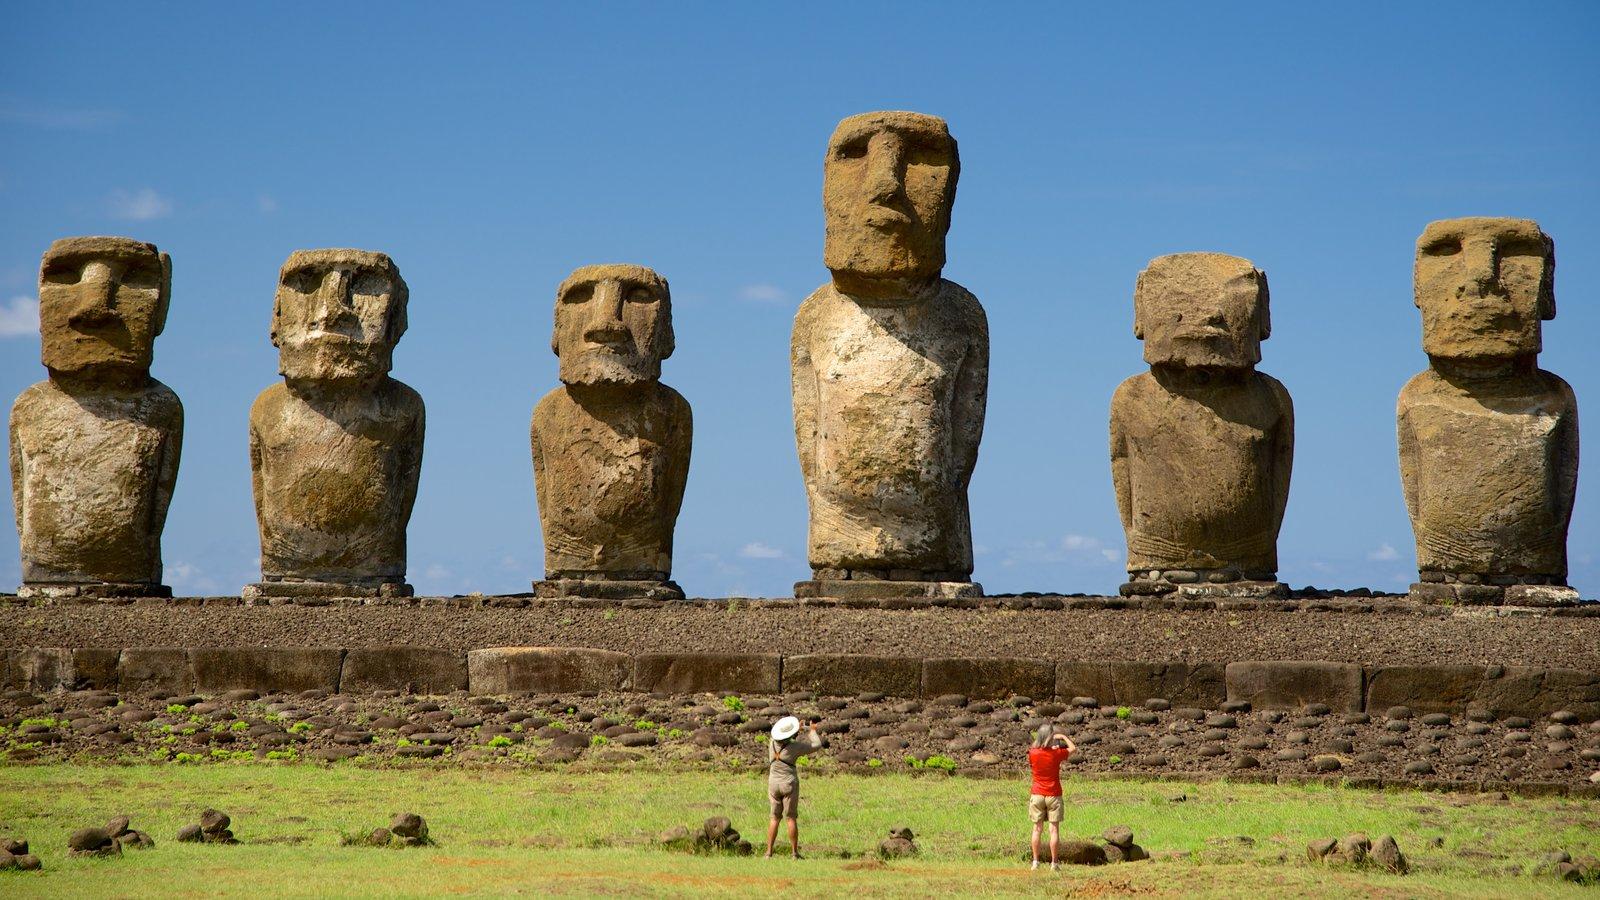 Ahu Tongariki mostrando elementos de patrimônio e uma estátua ou escultura assim como um pequeno grupo de pessoas